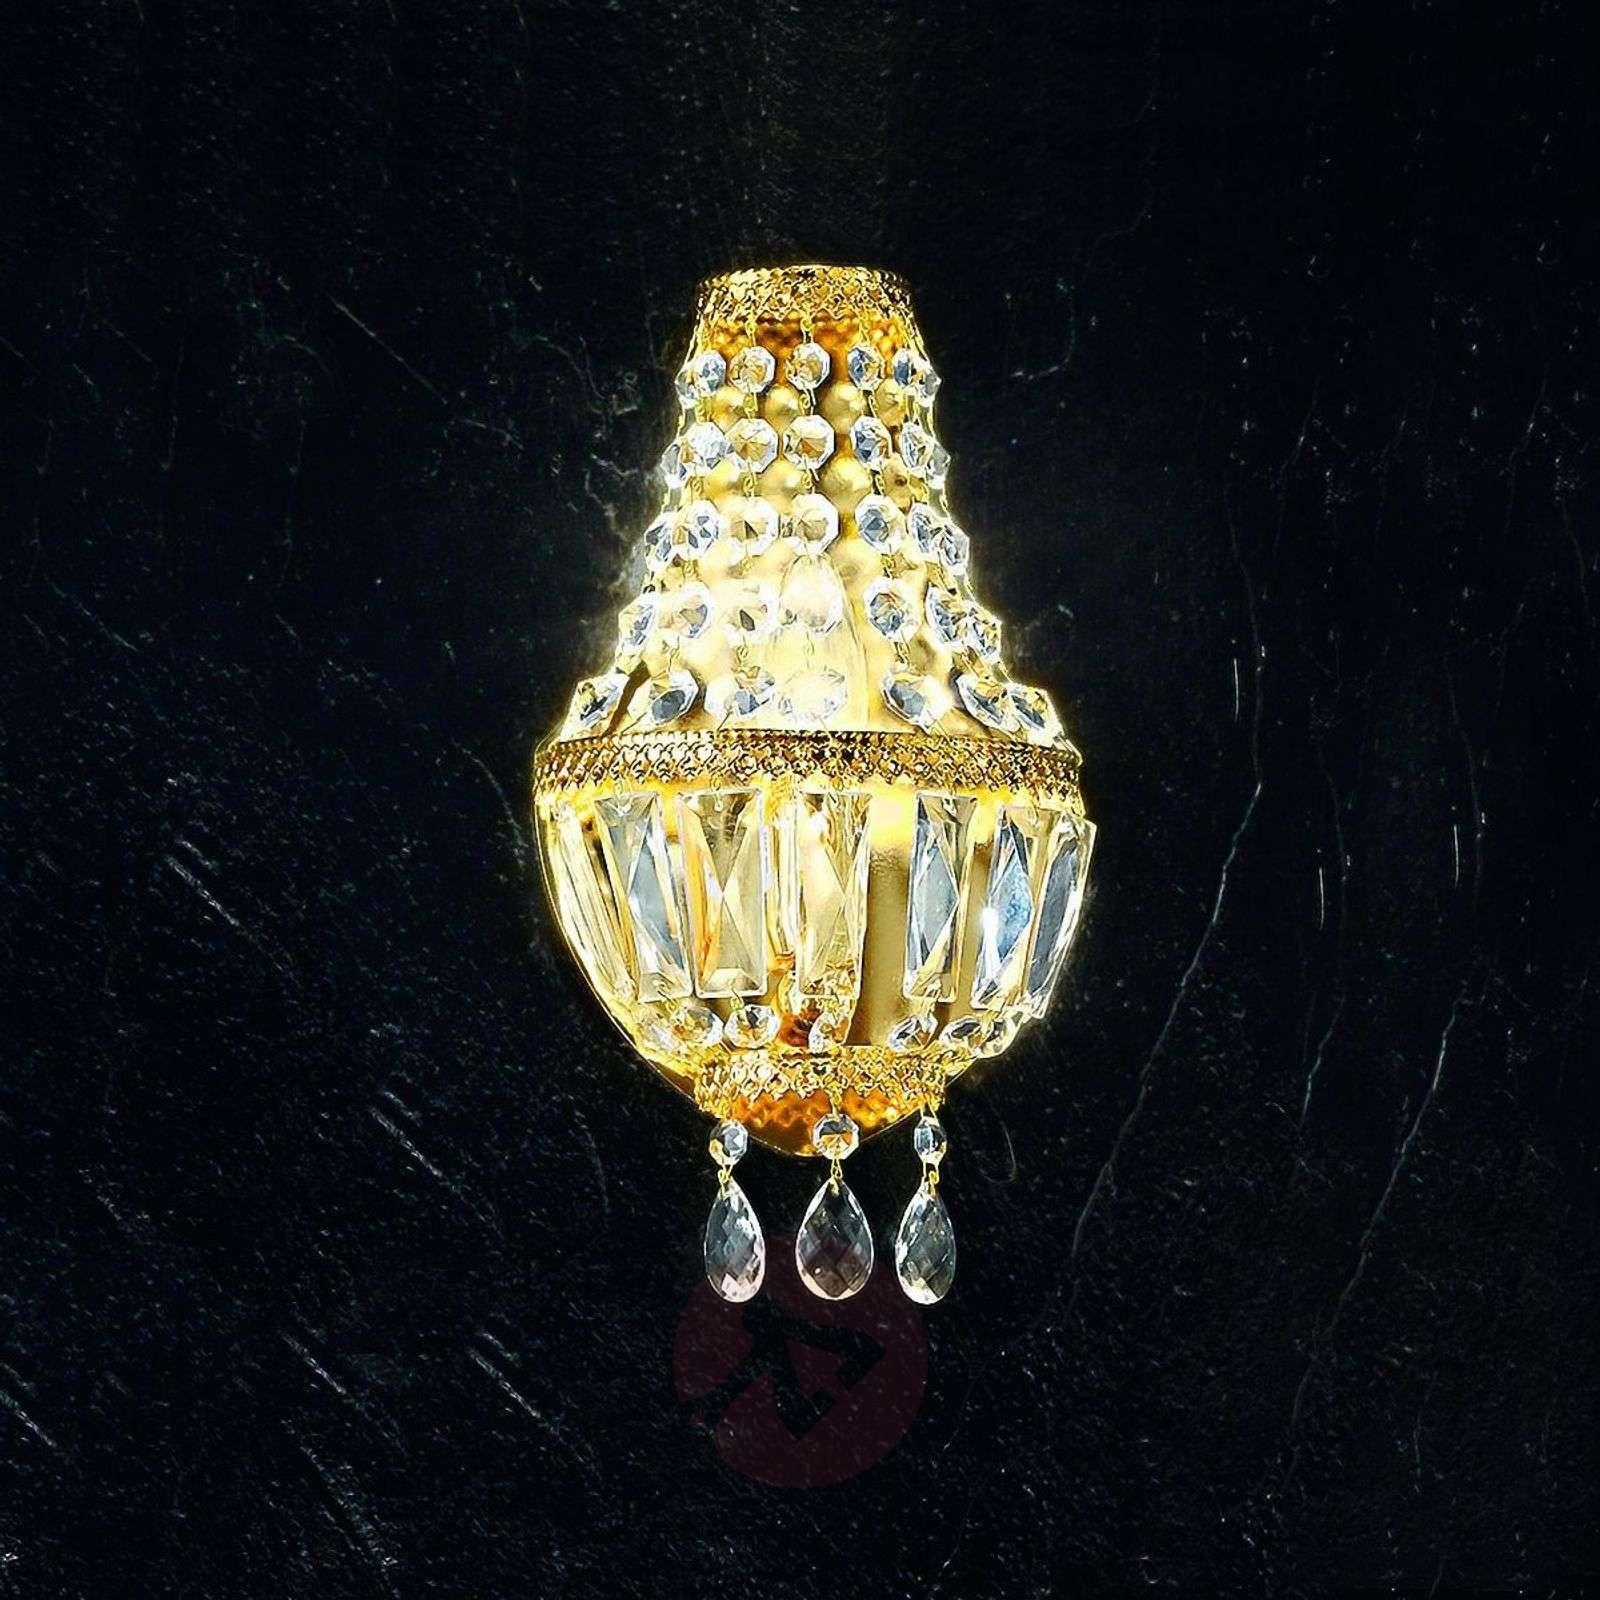 Cupola-seinävalaisin, 24 karaatin kullattu-5505540-01